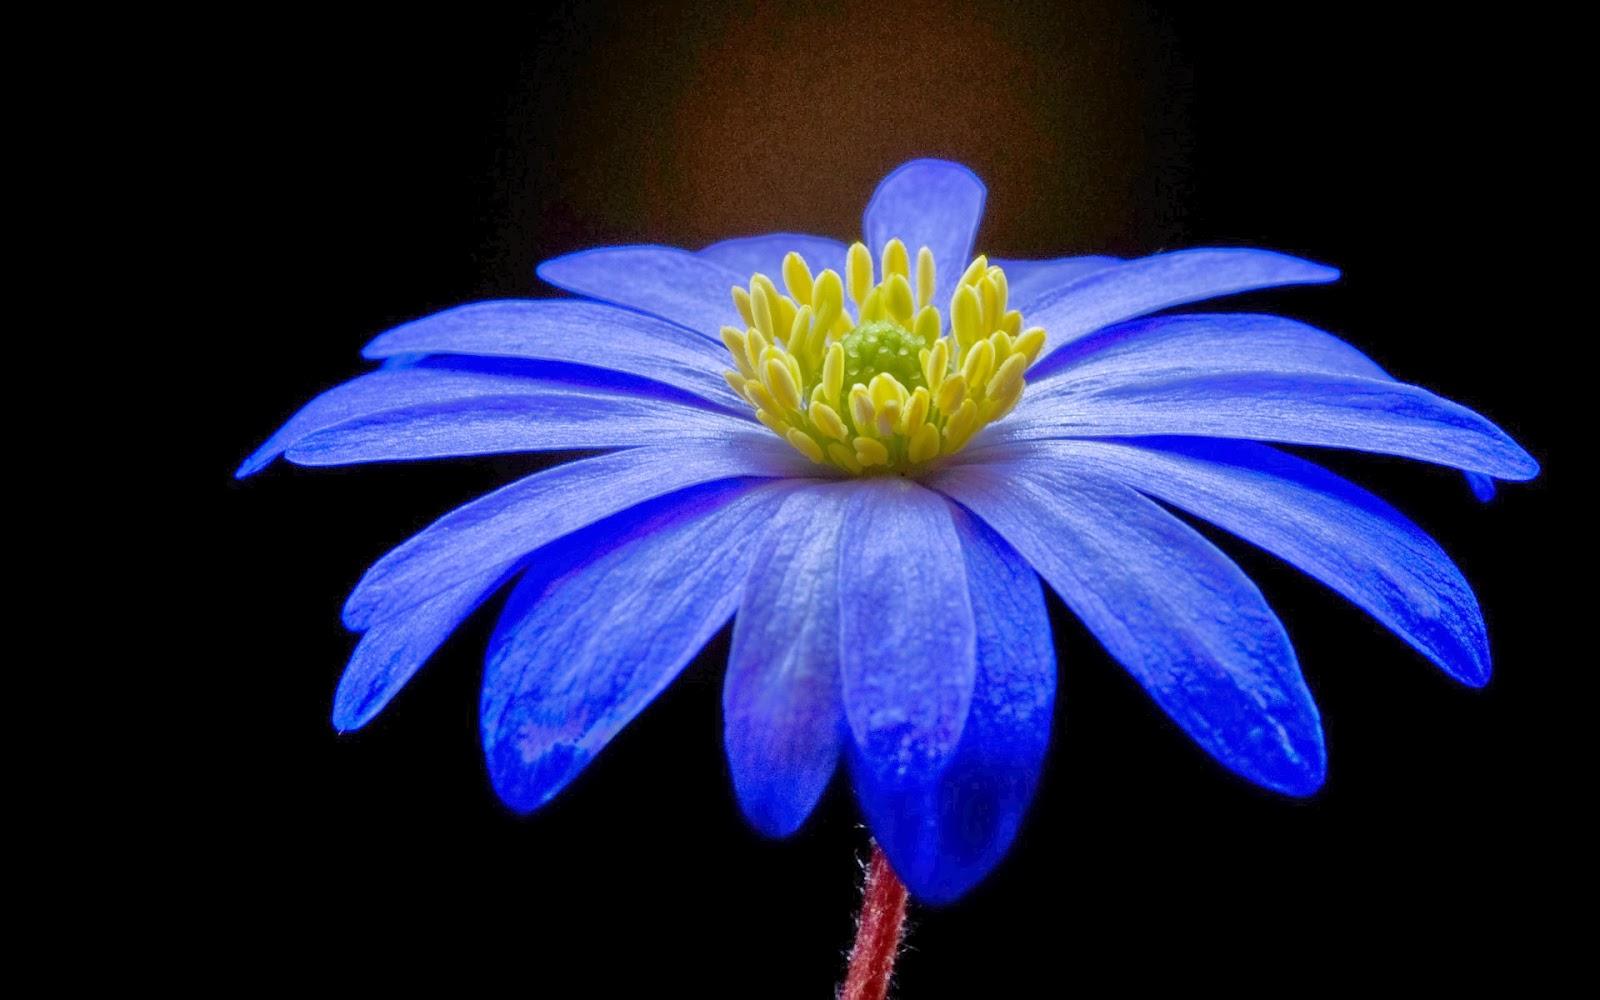 Blue Flower HQ Wallpaper Blue Sunflower HD Wallpaper Beautiful Blue 1600x1000